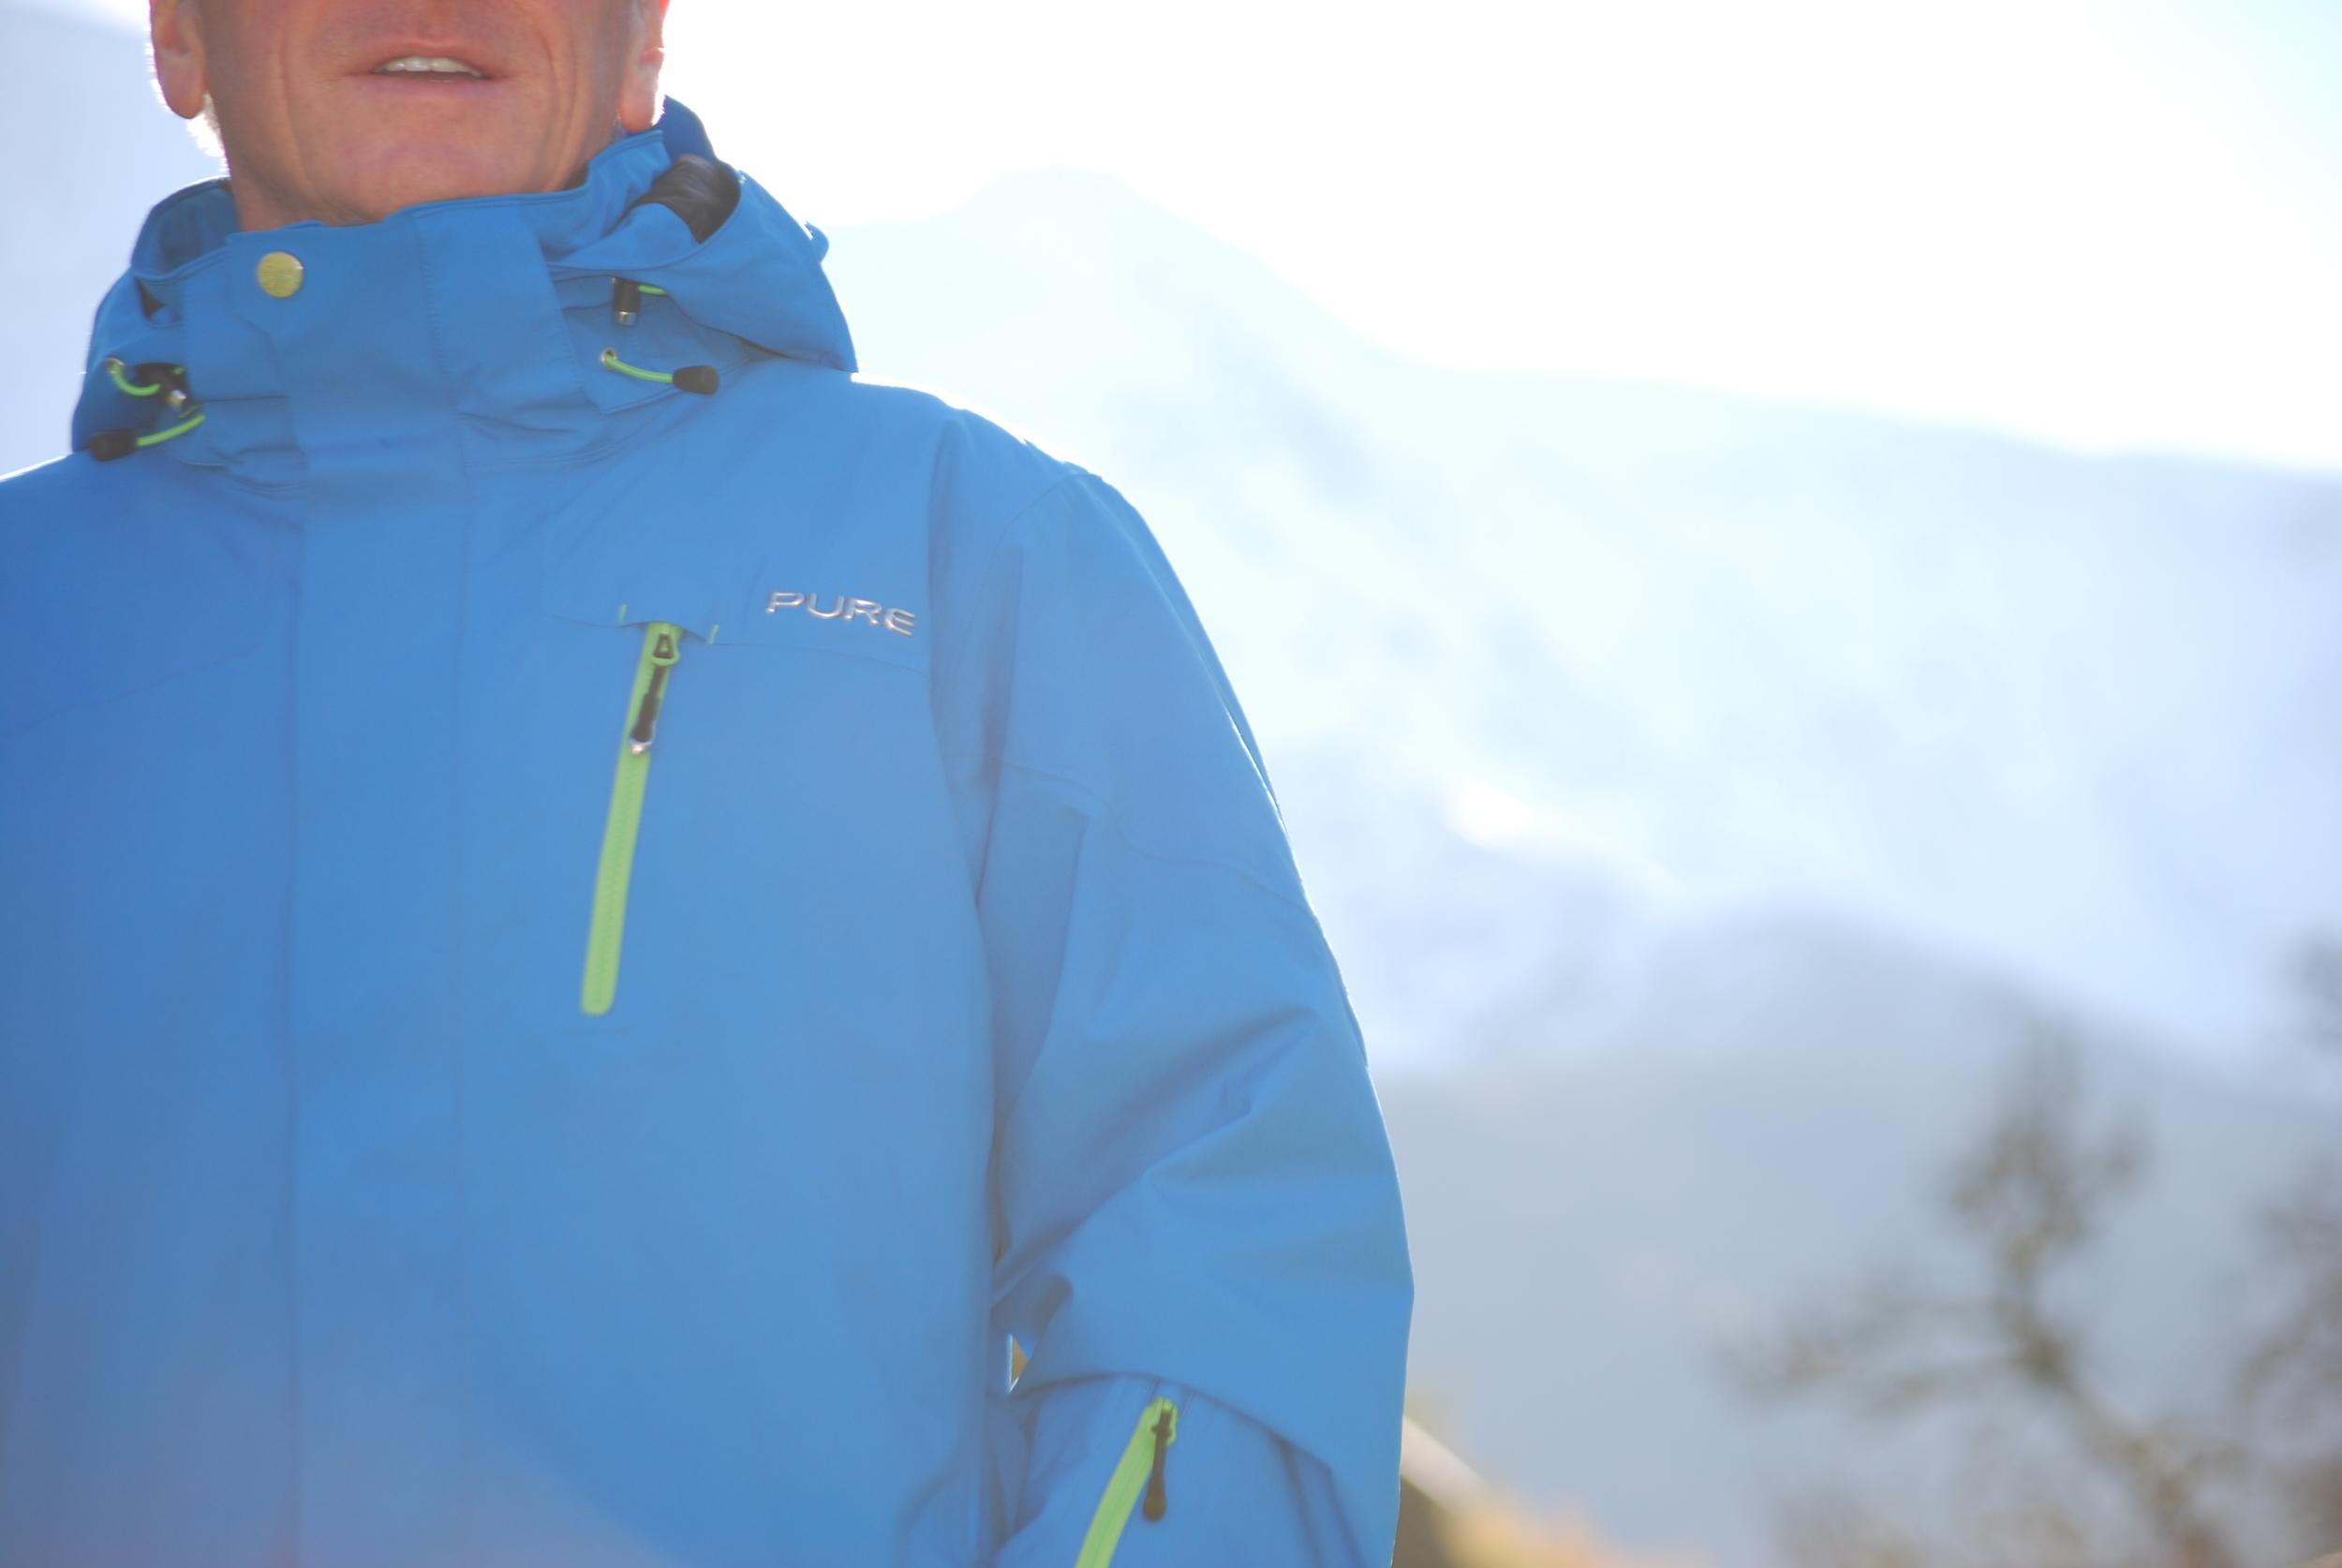 Telluride Men's Pure Snow in action